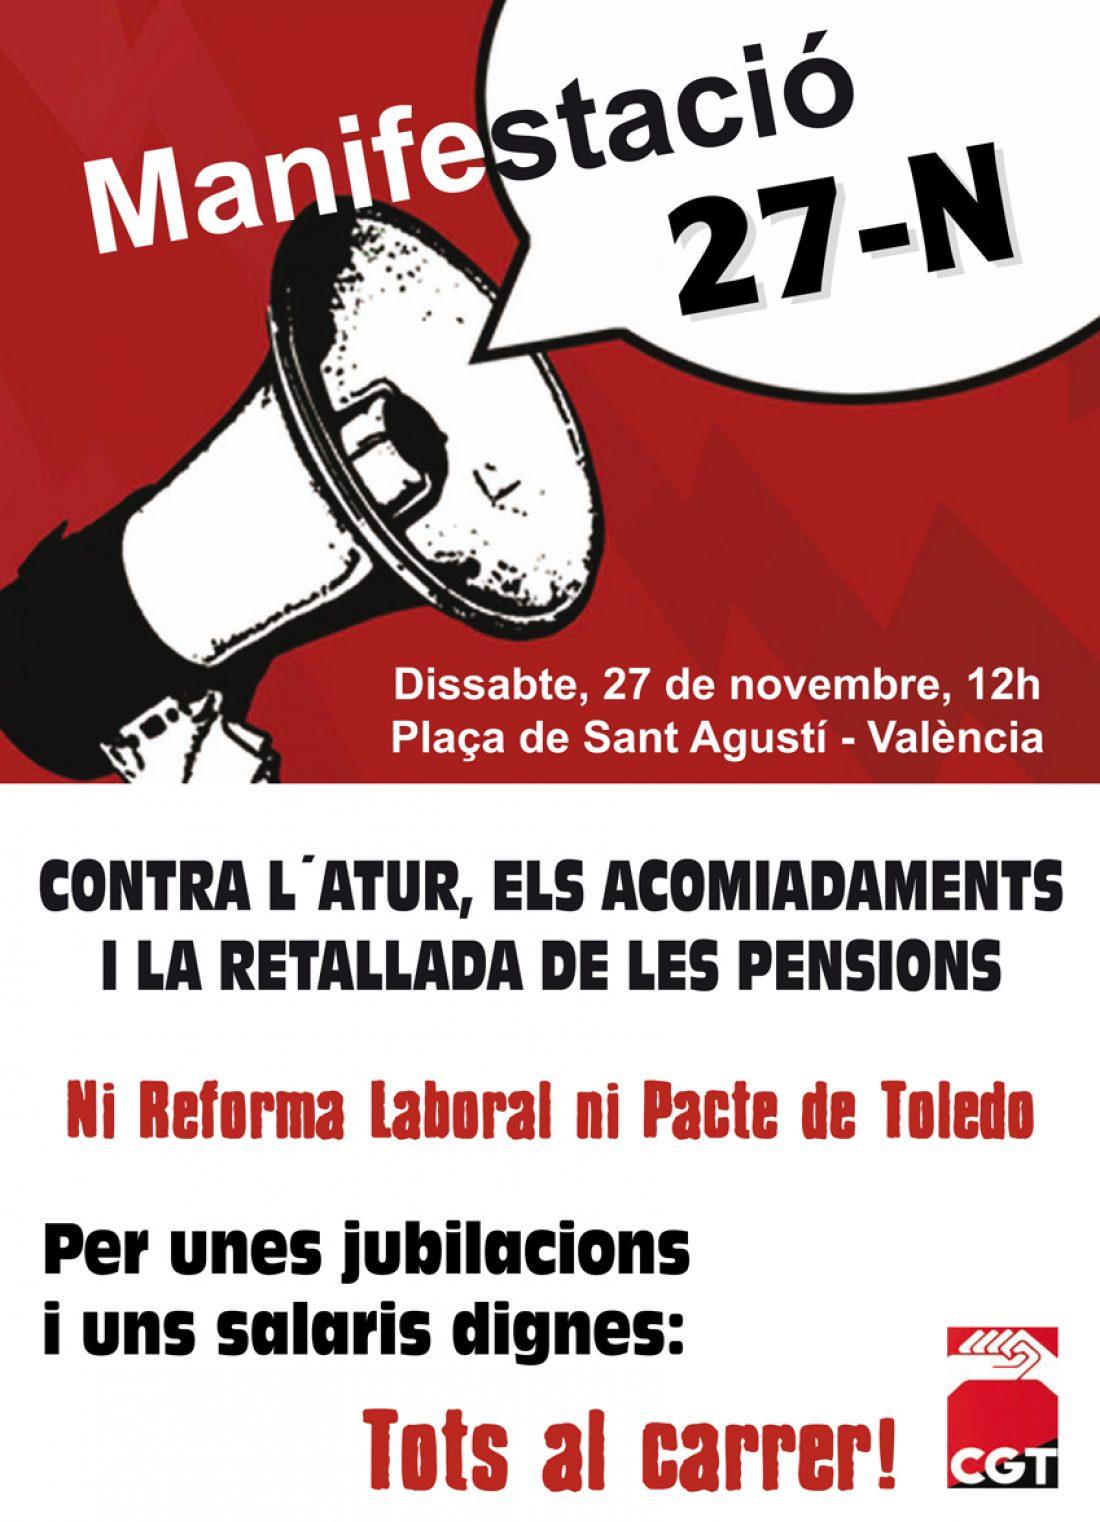 Valencia, 27 de noviembre: Manifestación contra el paro, los despidos y los recortes en las pensiones